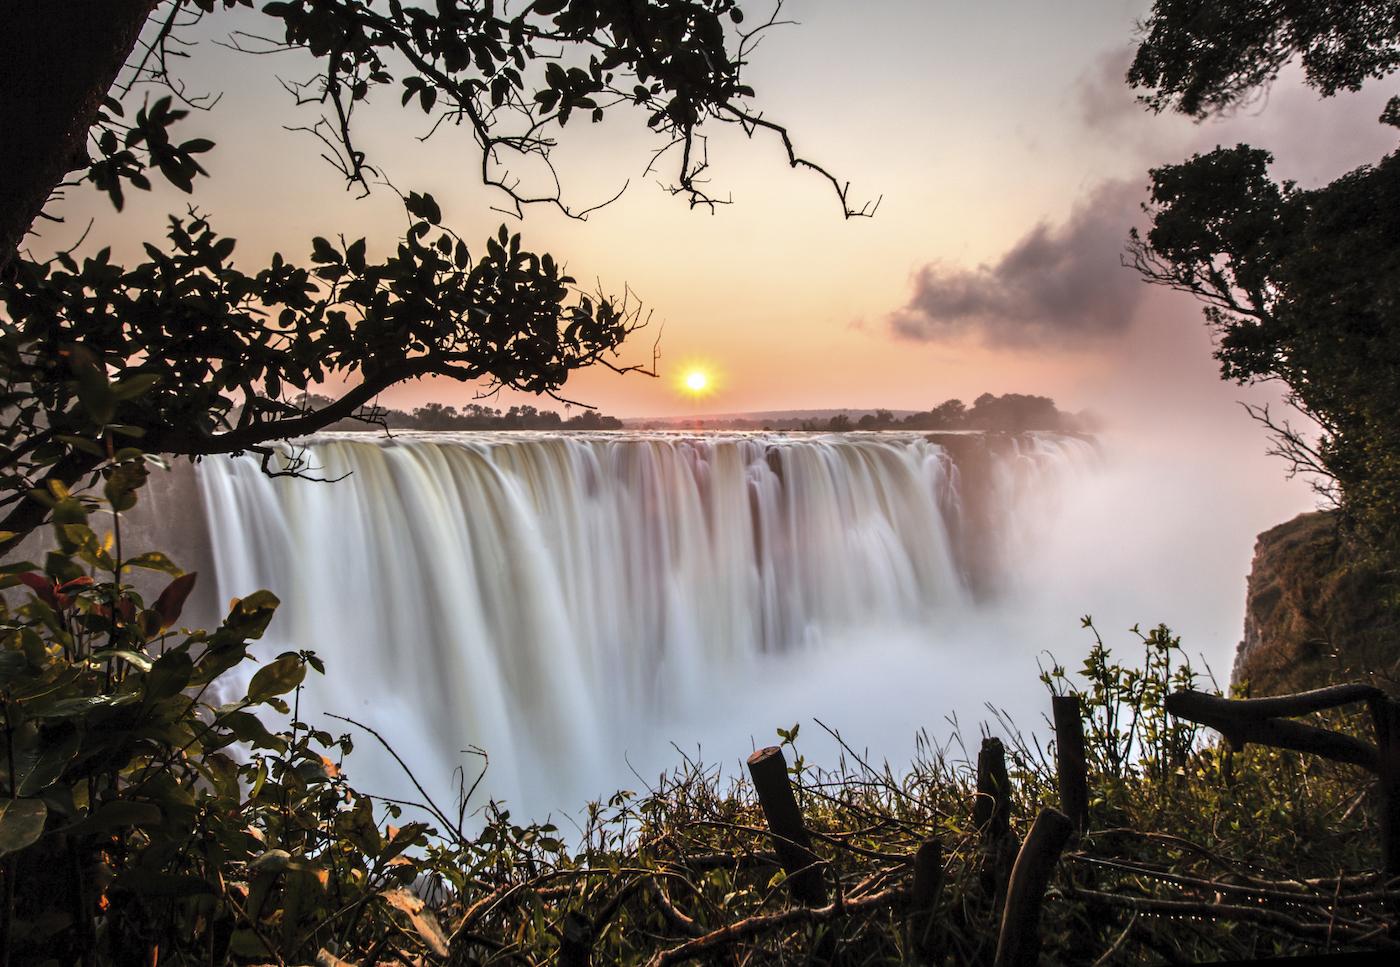 Victoria Falls - Africa Trip